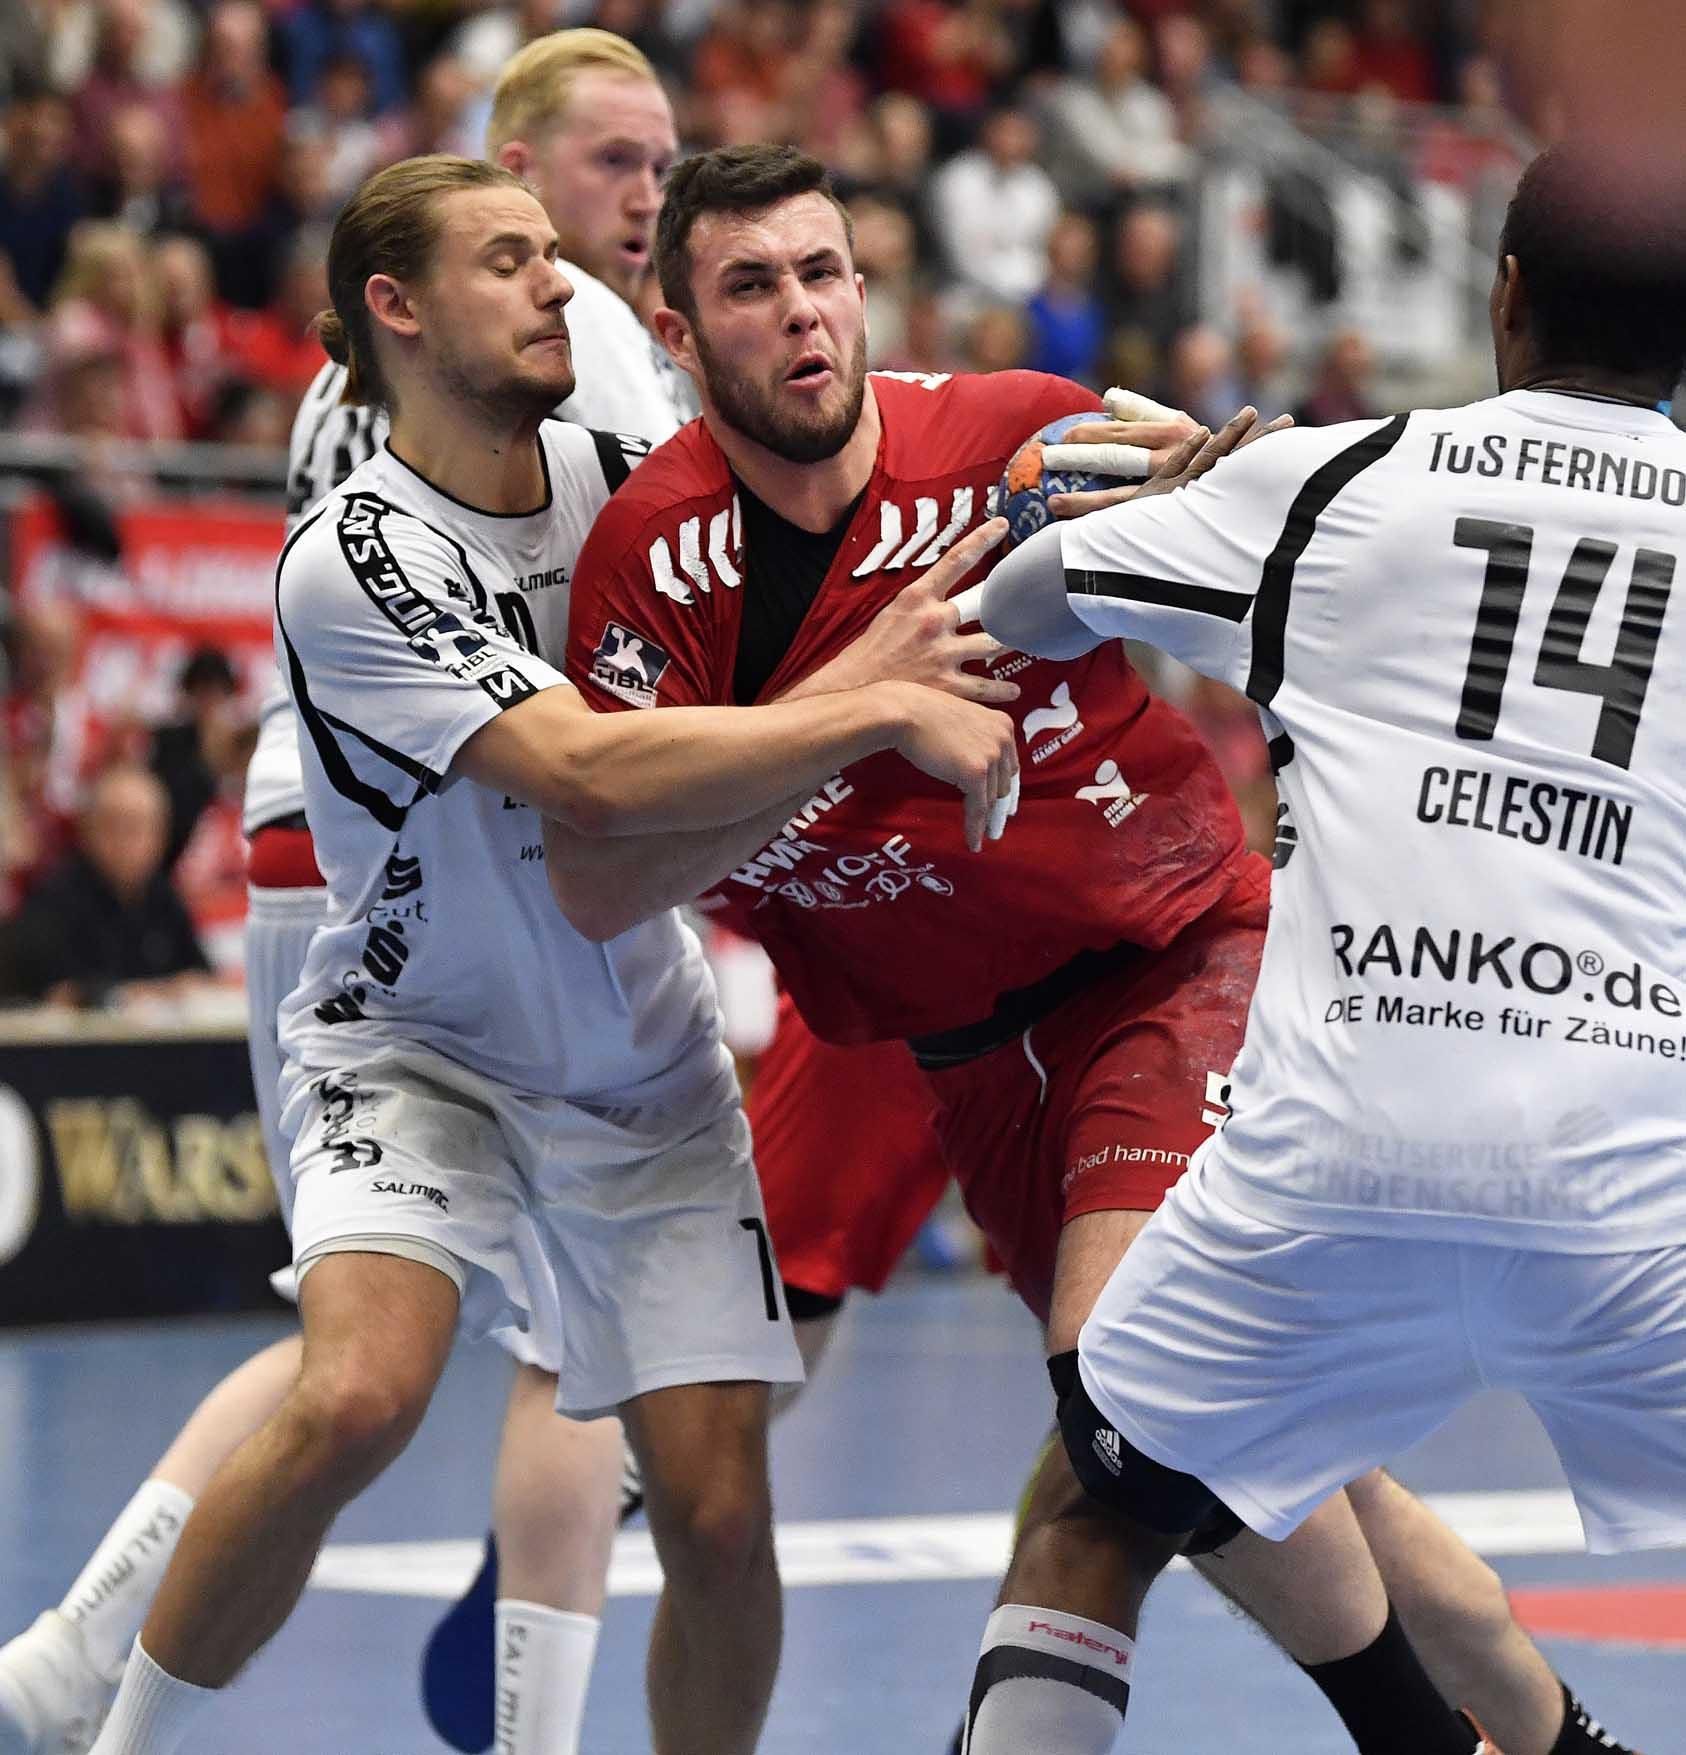 ASV Hamm-Westfalen | 2. Handball-Bundesliga